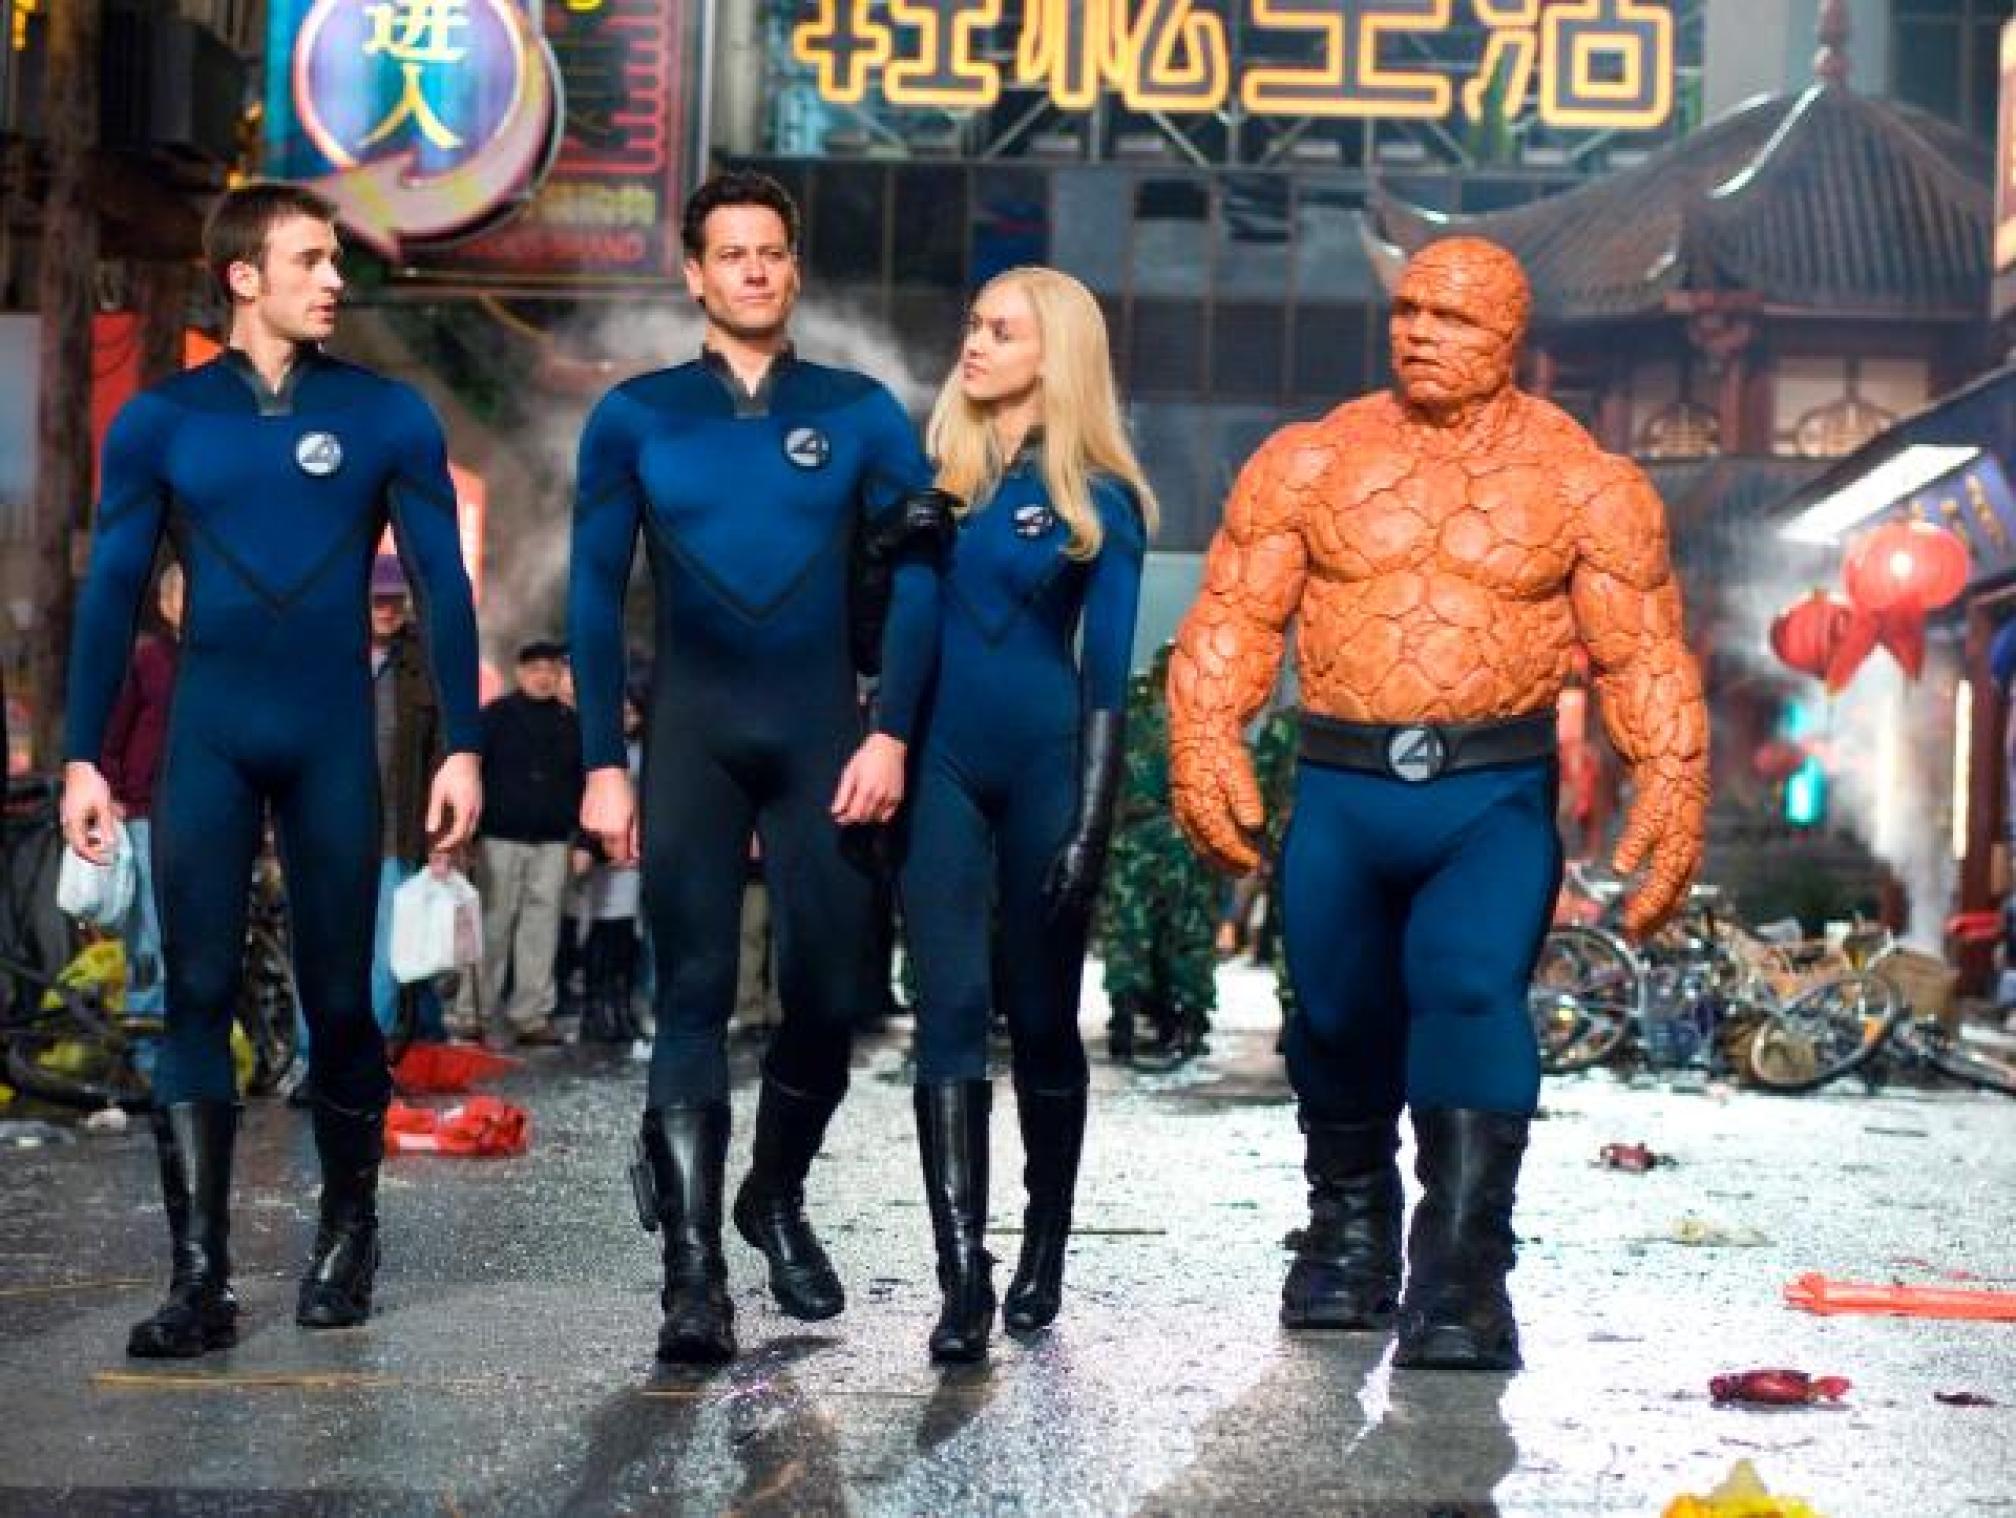 驚奇4超人:銀色衝浪手現身劇照 4